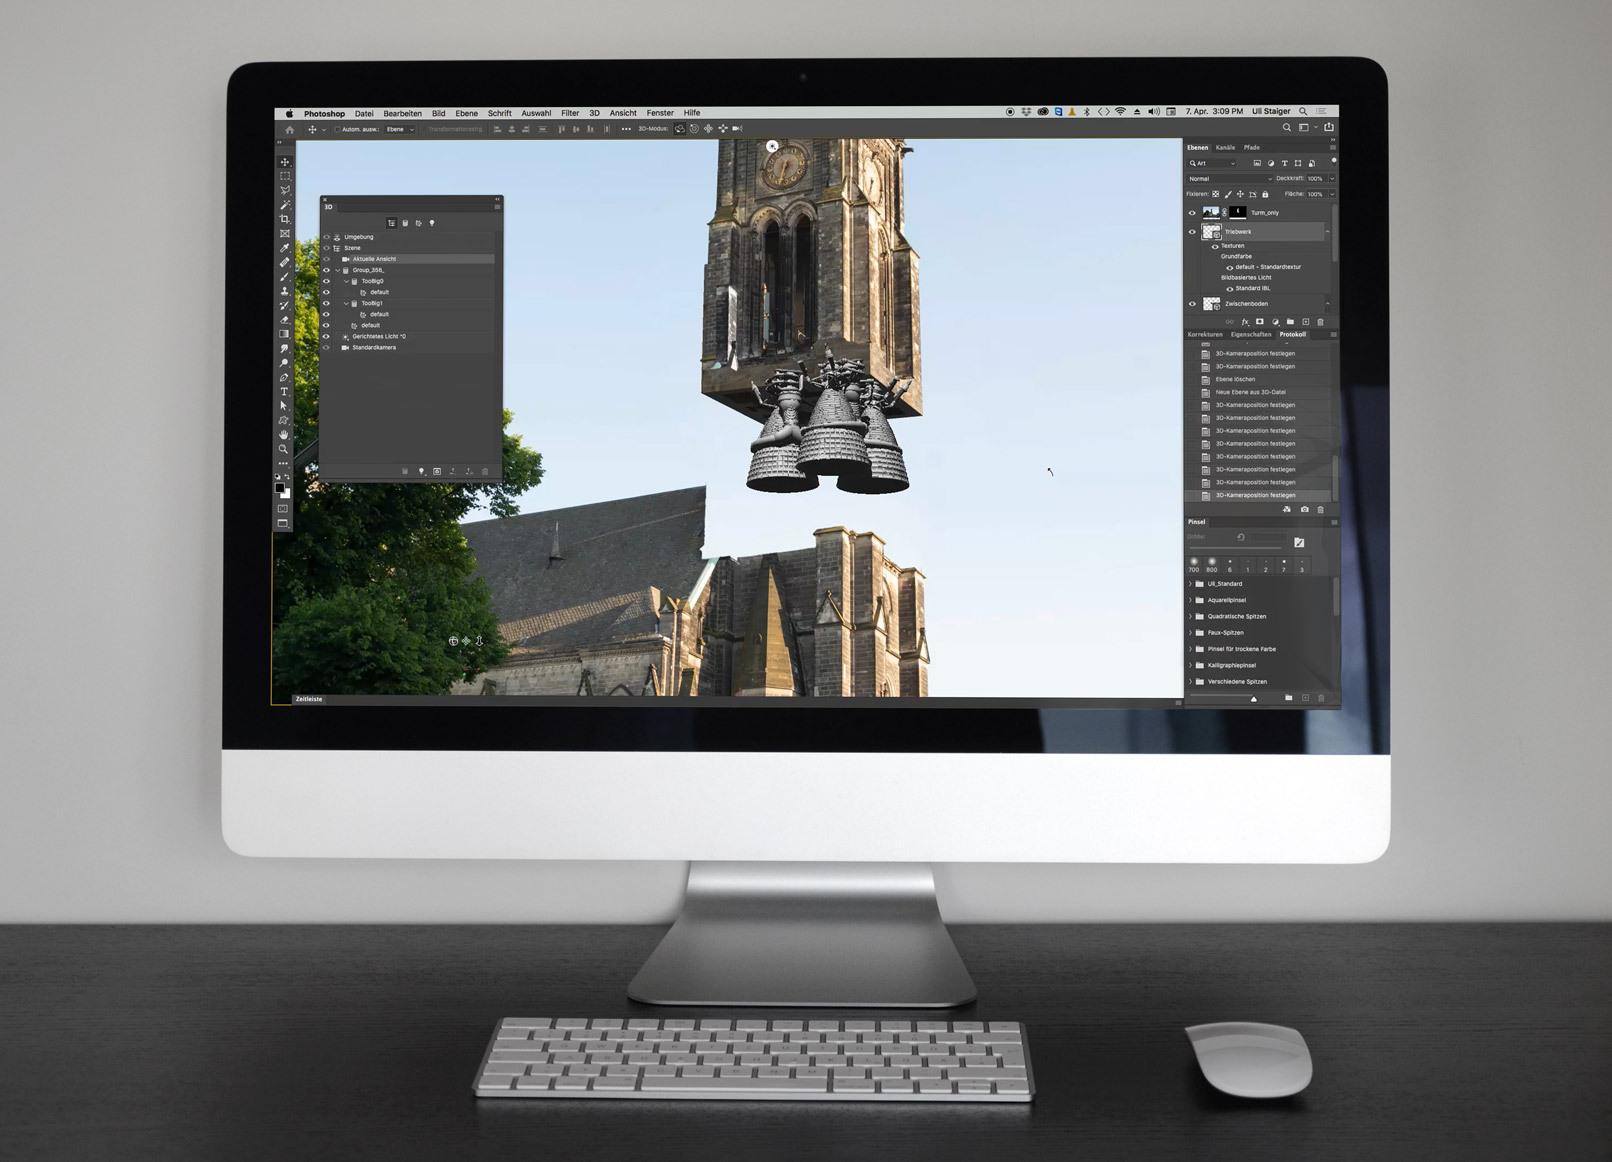 Ausschnitt aus dem Tutorial zu 3D in Photoshop, Kirchturmrakete mit 3D-Triebwerk hebt ab